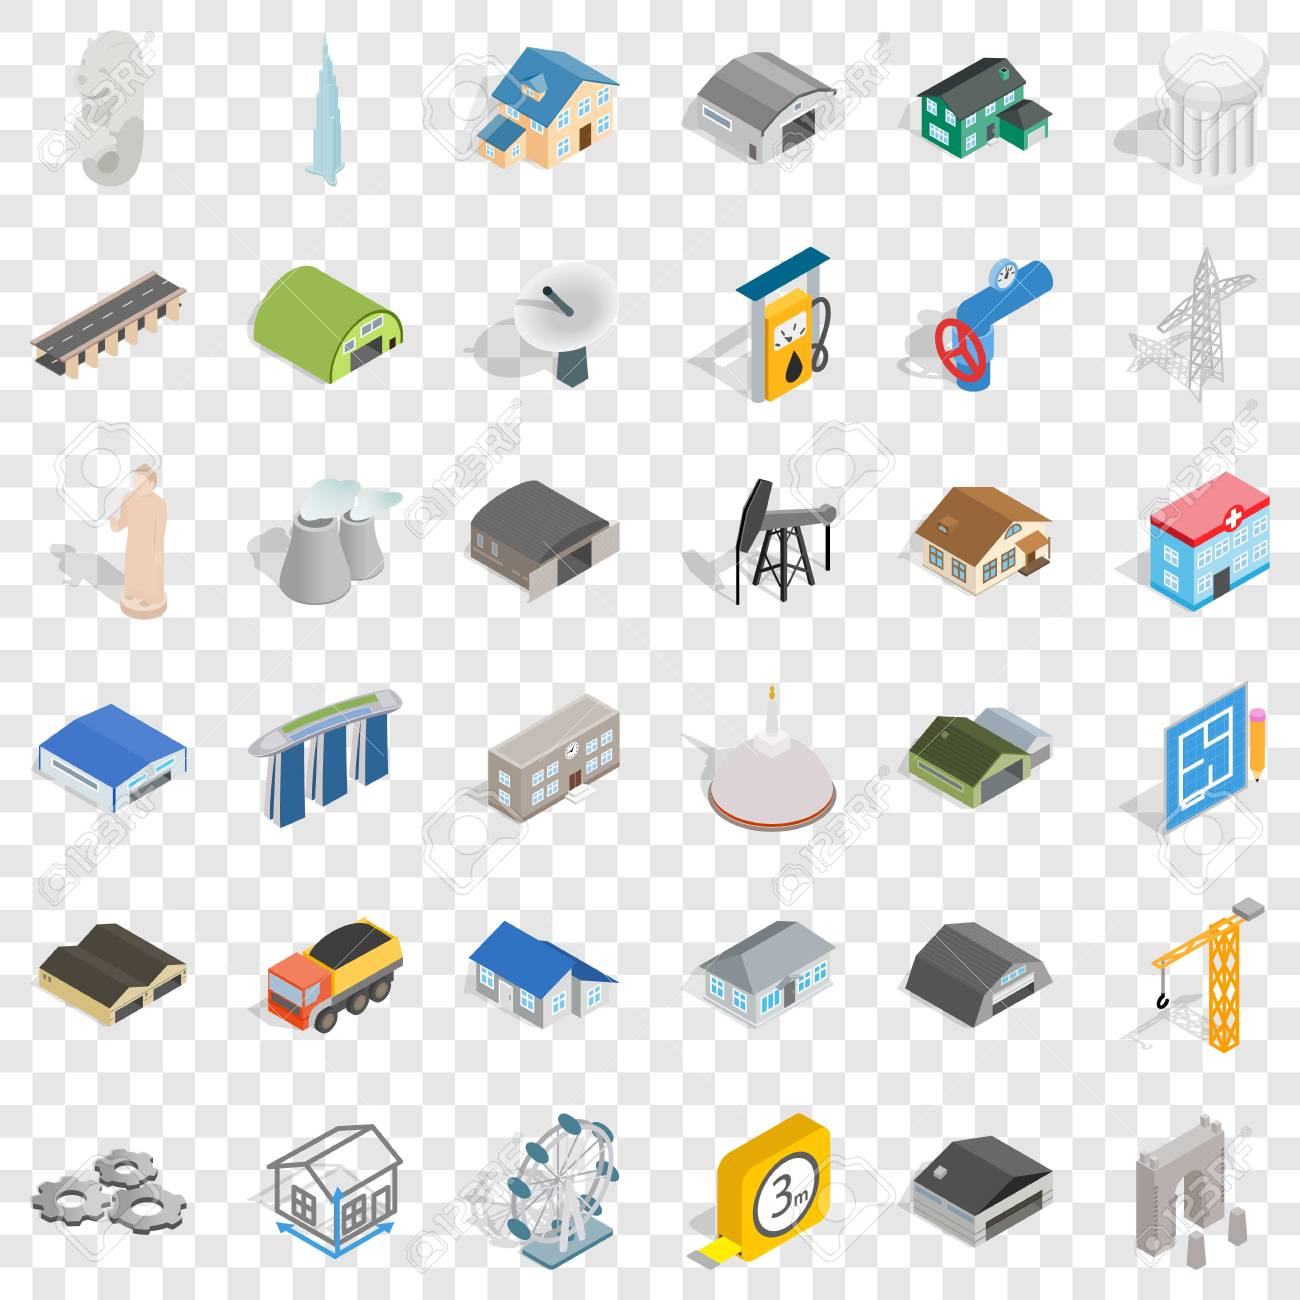 Engineering icons set, isometric style - 117565705